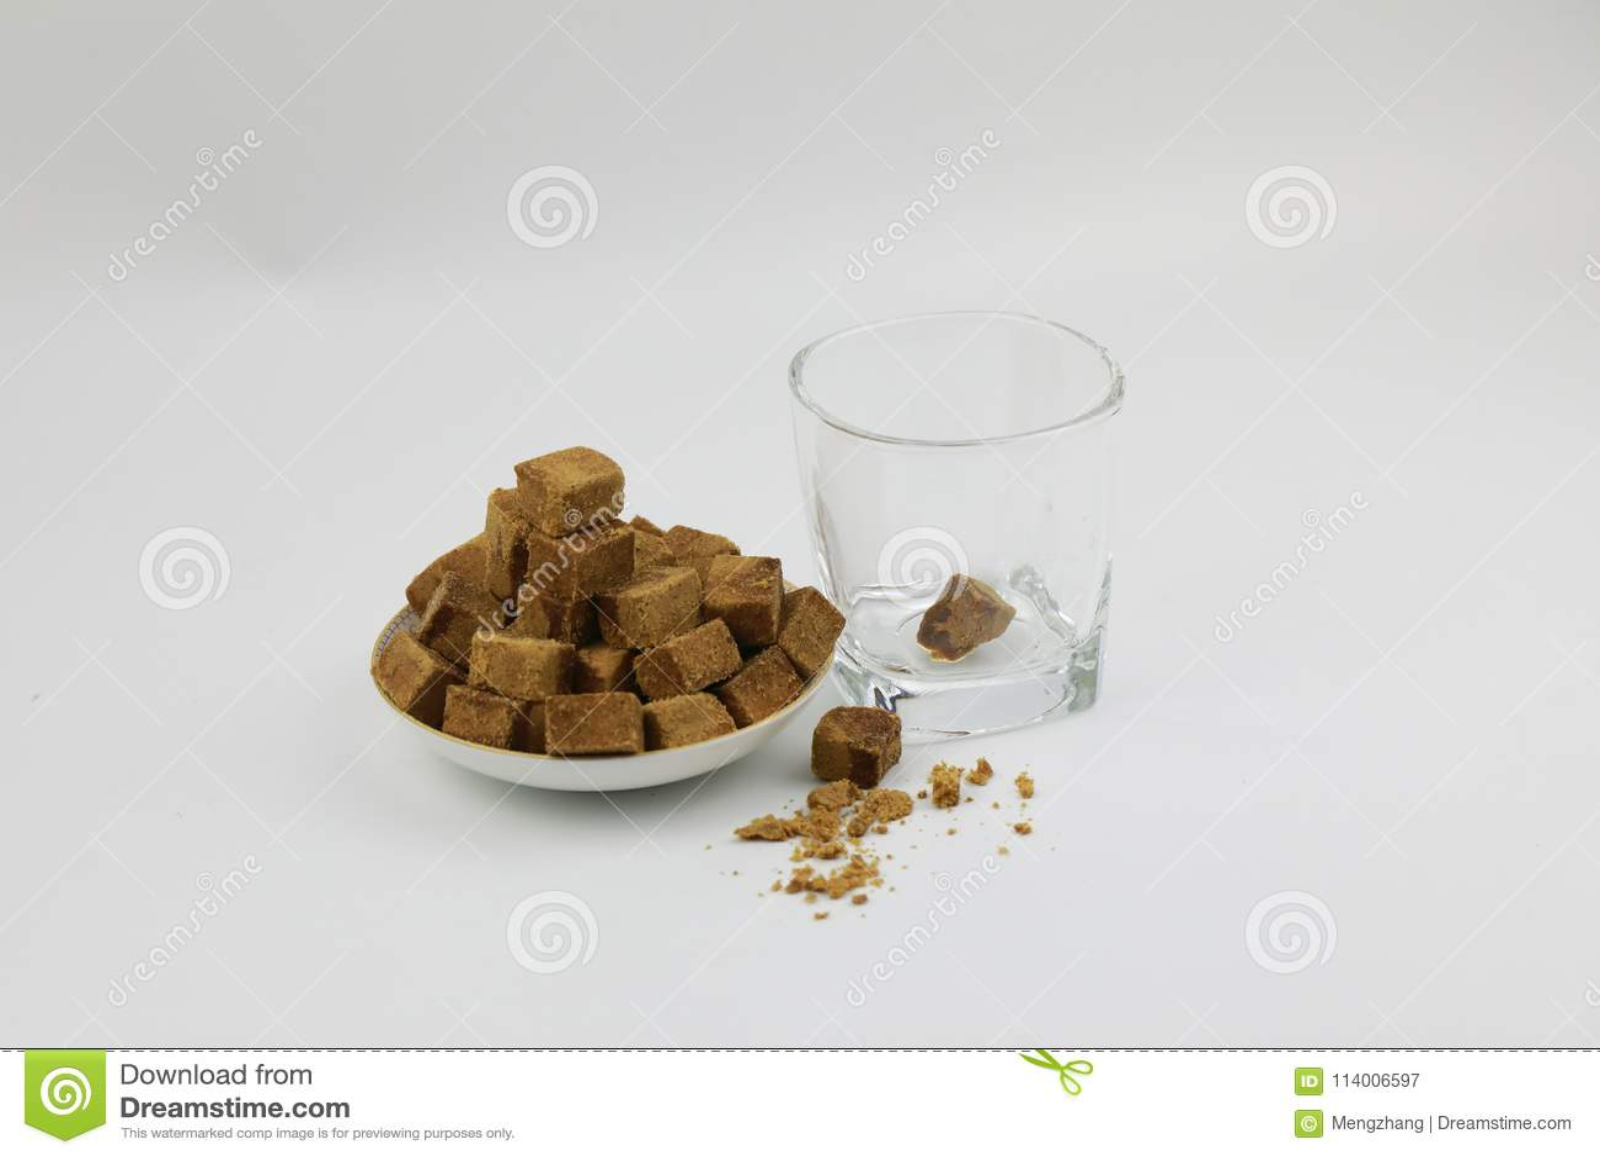 Ένα πιάτο της καφετιάς ζάχαρης κυβίζει τη ζάχαρη βράχου, διαφανές γυαλί Α εκτός από, ένα κομμάτι της καφετιάς ζάχαρης στο ποτήρι